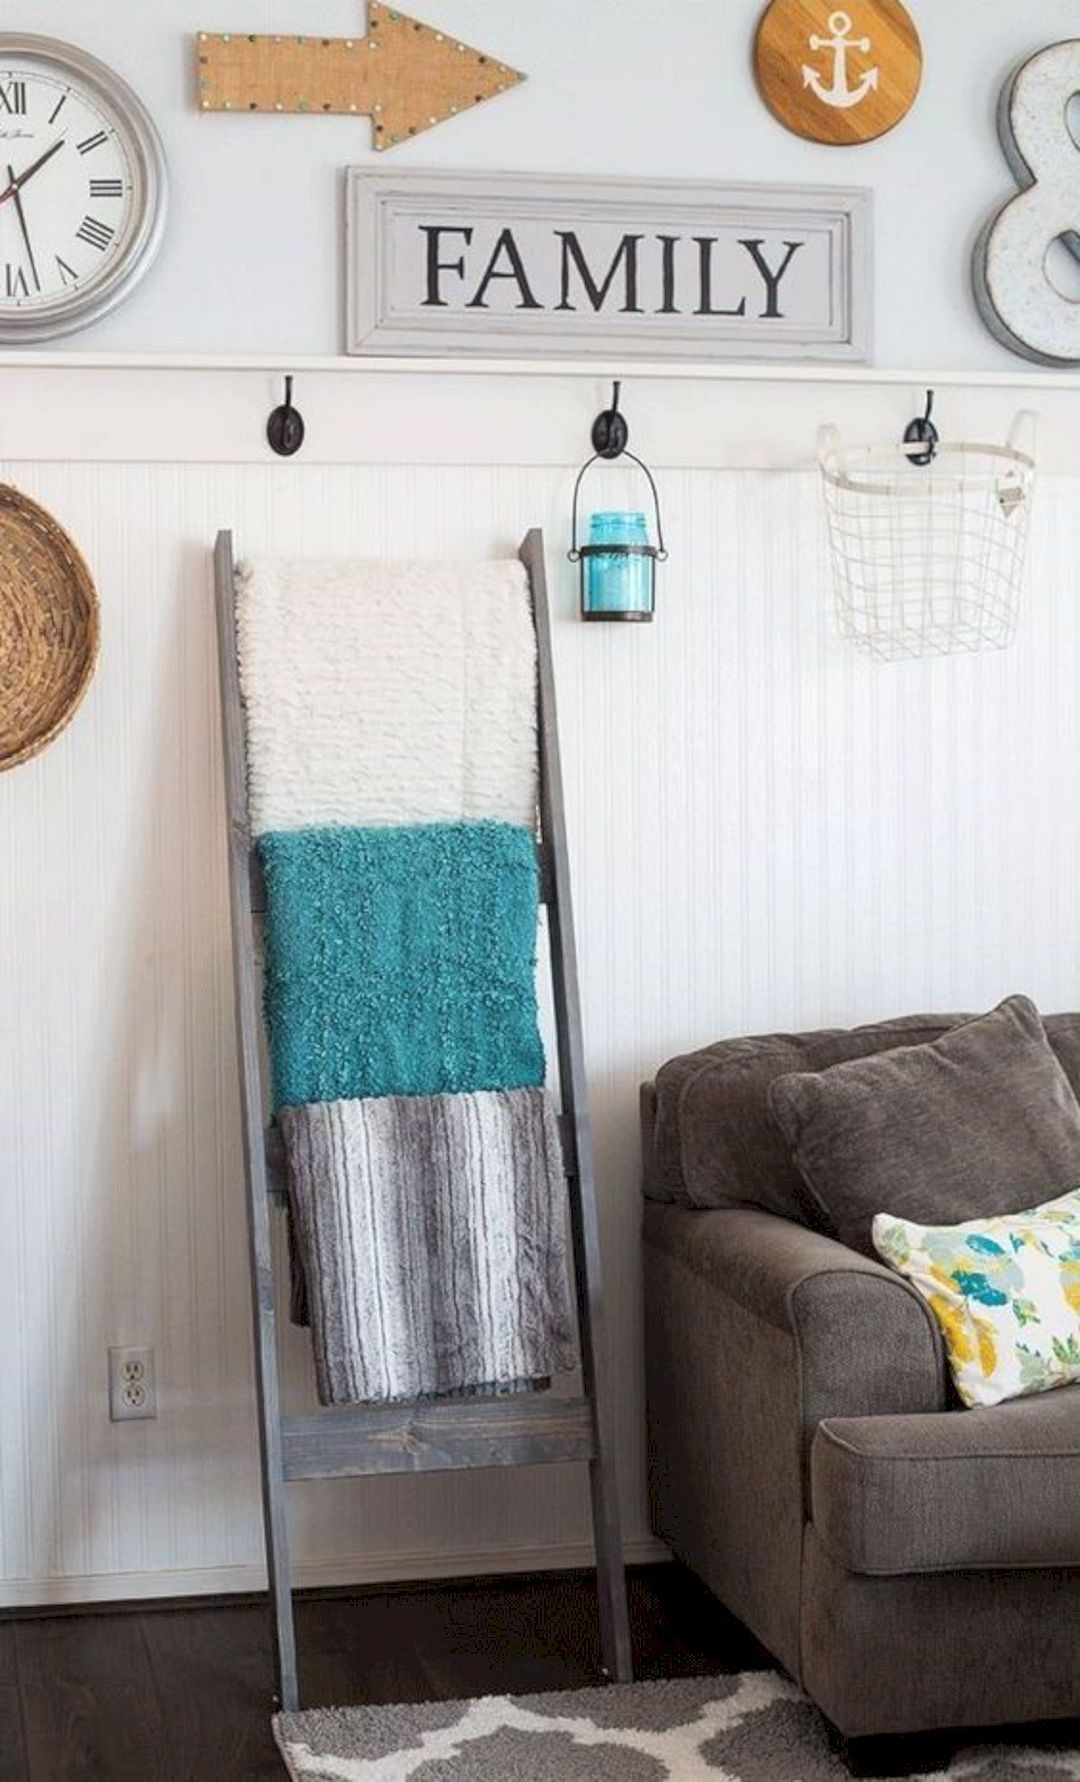 Diy Home Decorating Ideas 11 Home Decor